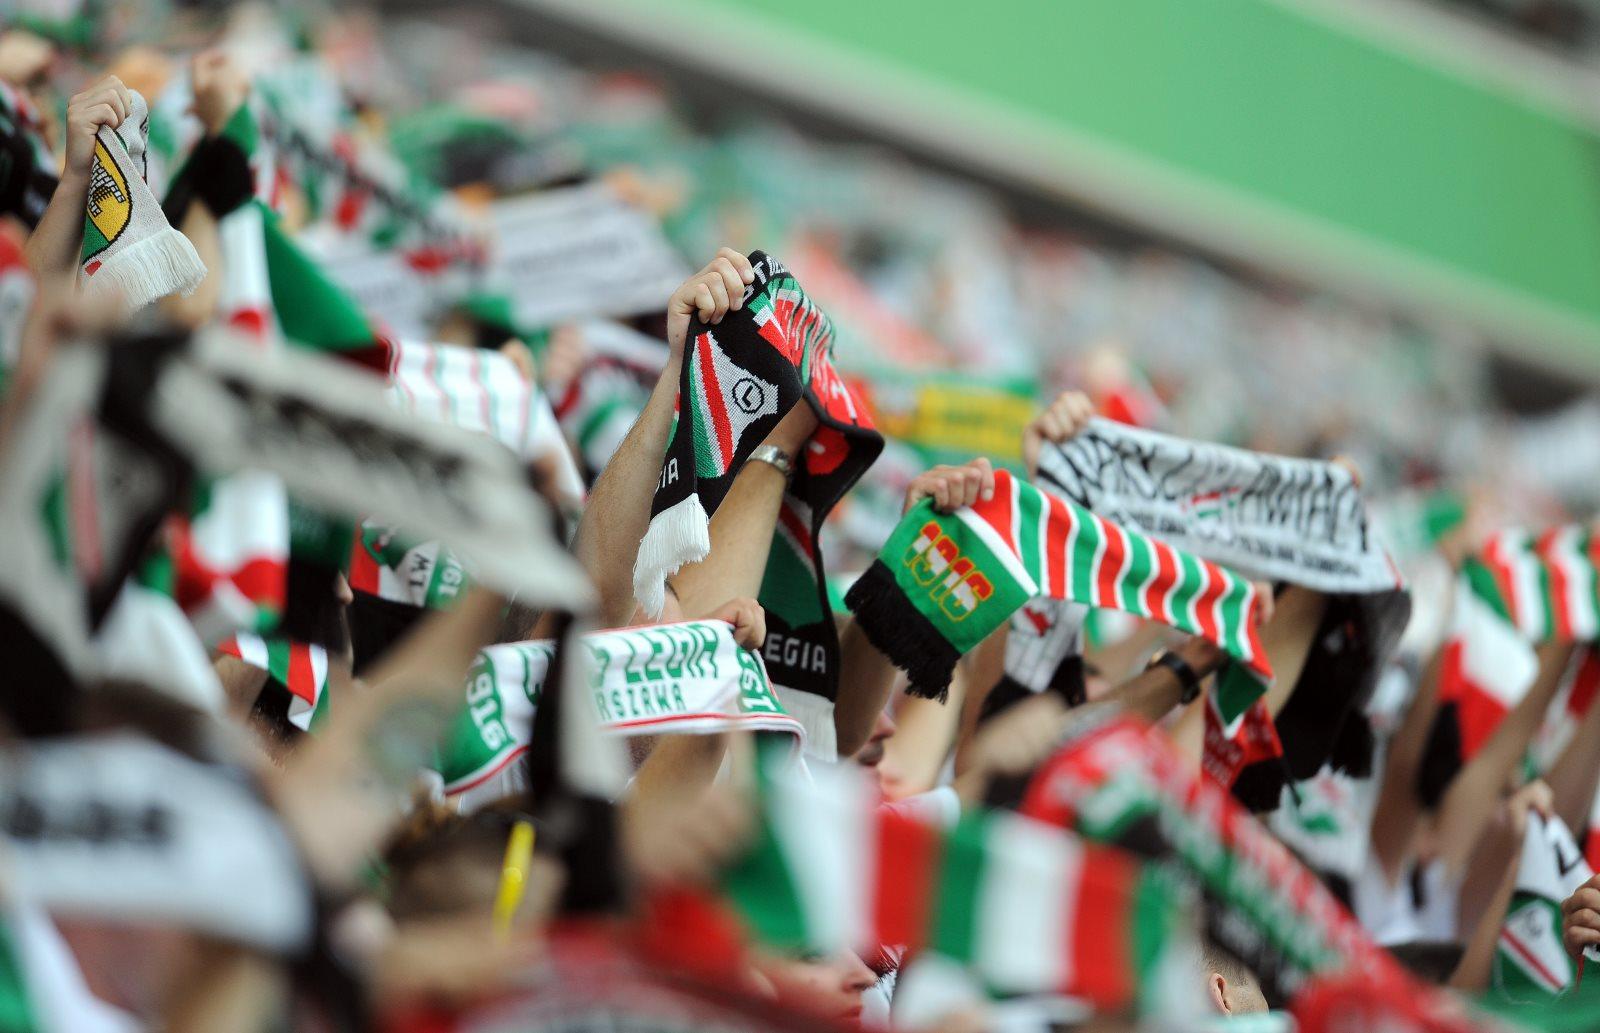 Kto zostanie mistrzem Polski? Runda finałowa Ekstraklasy wkracza w decydującą fazę!